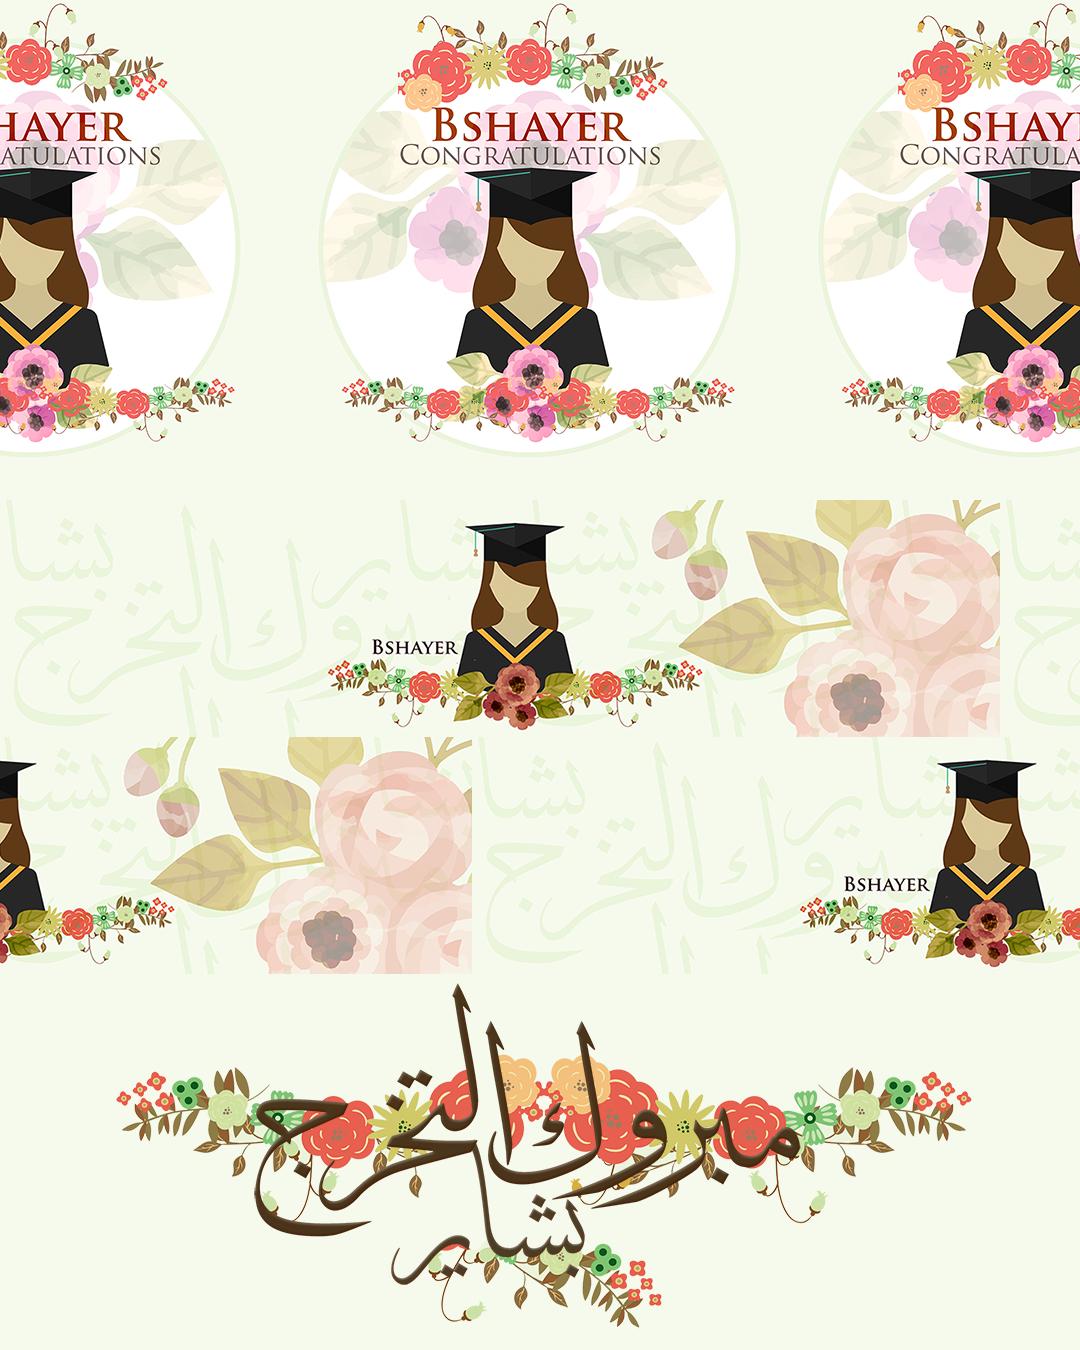 للطلب التصاميم الرجاء التواصل على الواتساب 0565371207 ثيمات مناسبات عيد تخرج عيديات هدايا عيديه ثيم Art Clip Art Poster